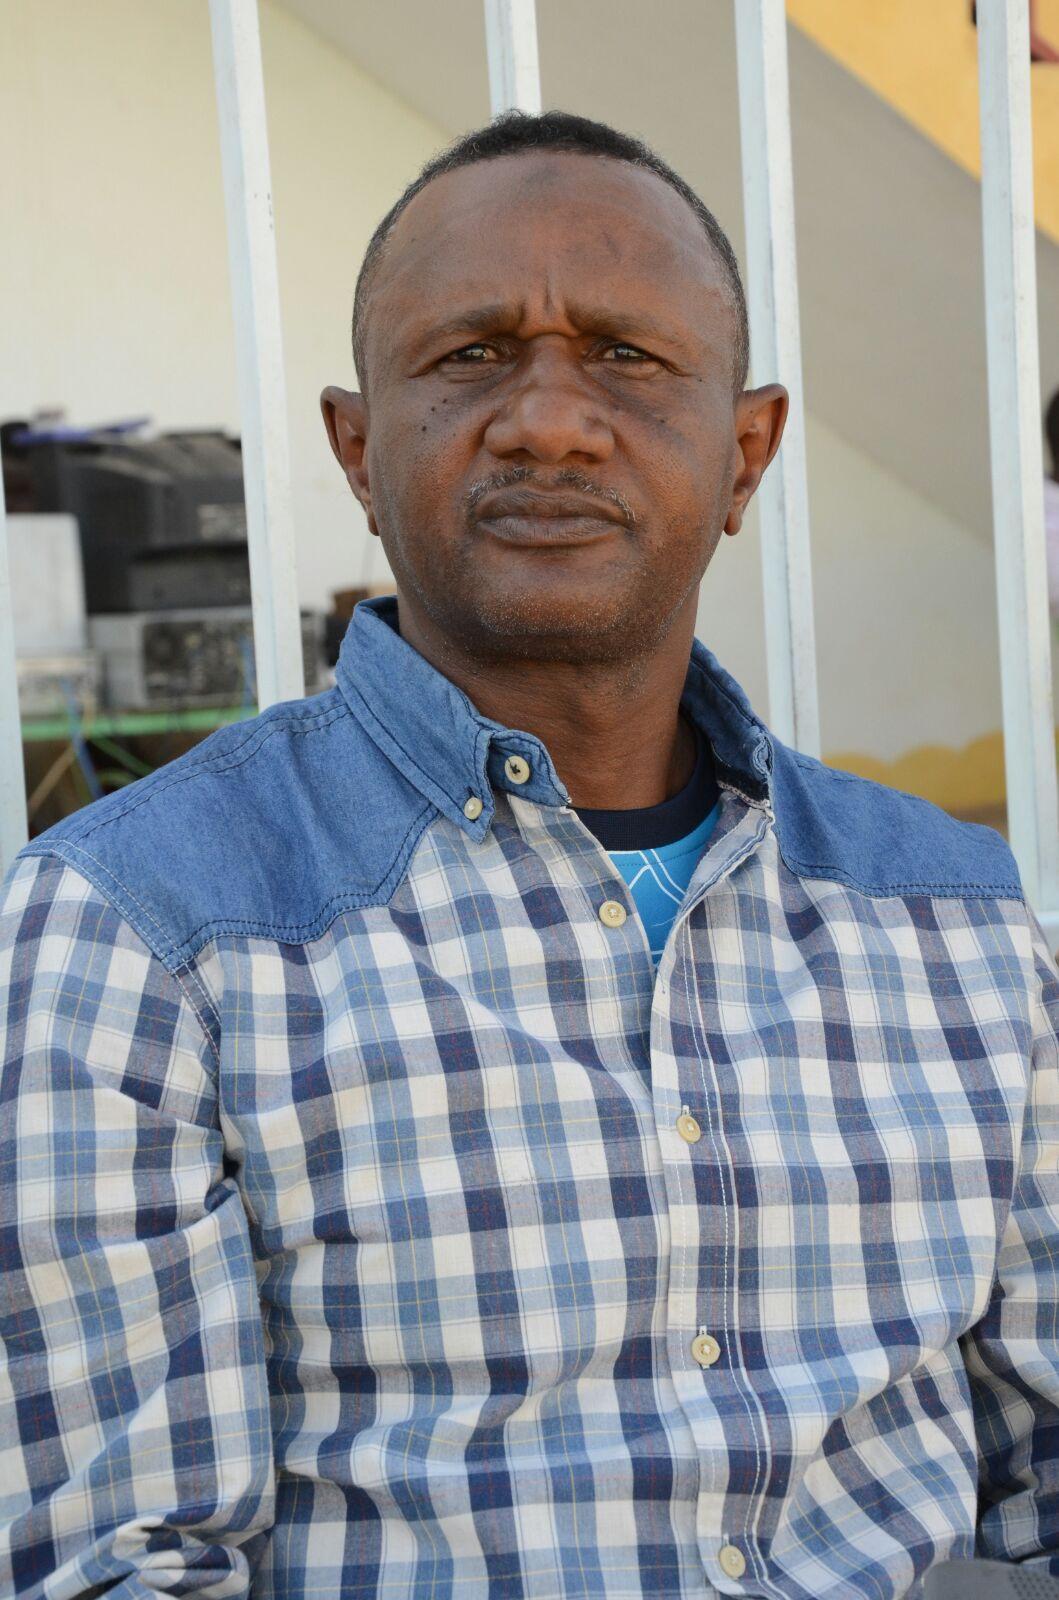 الدوري الممتاز السوداني : اربعة فرق من مدينتين تعاني